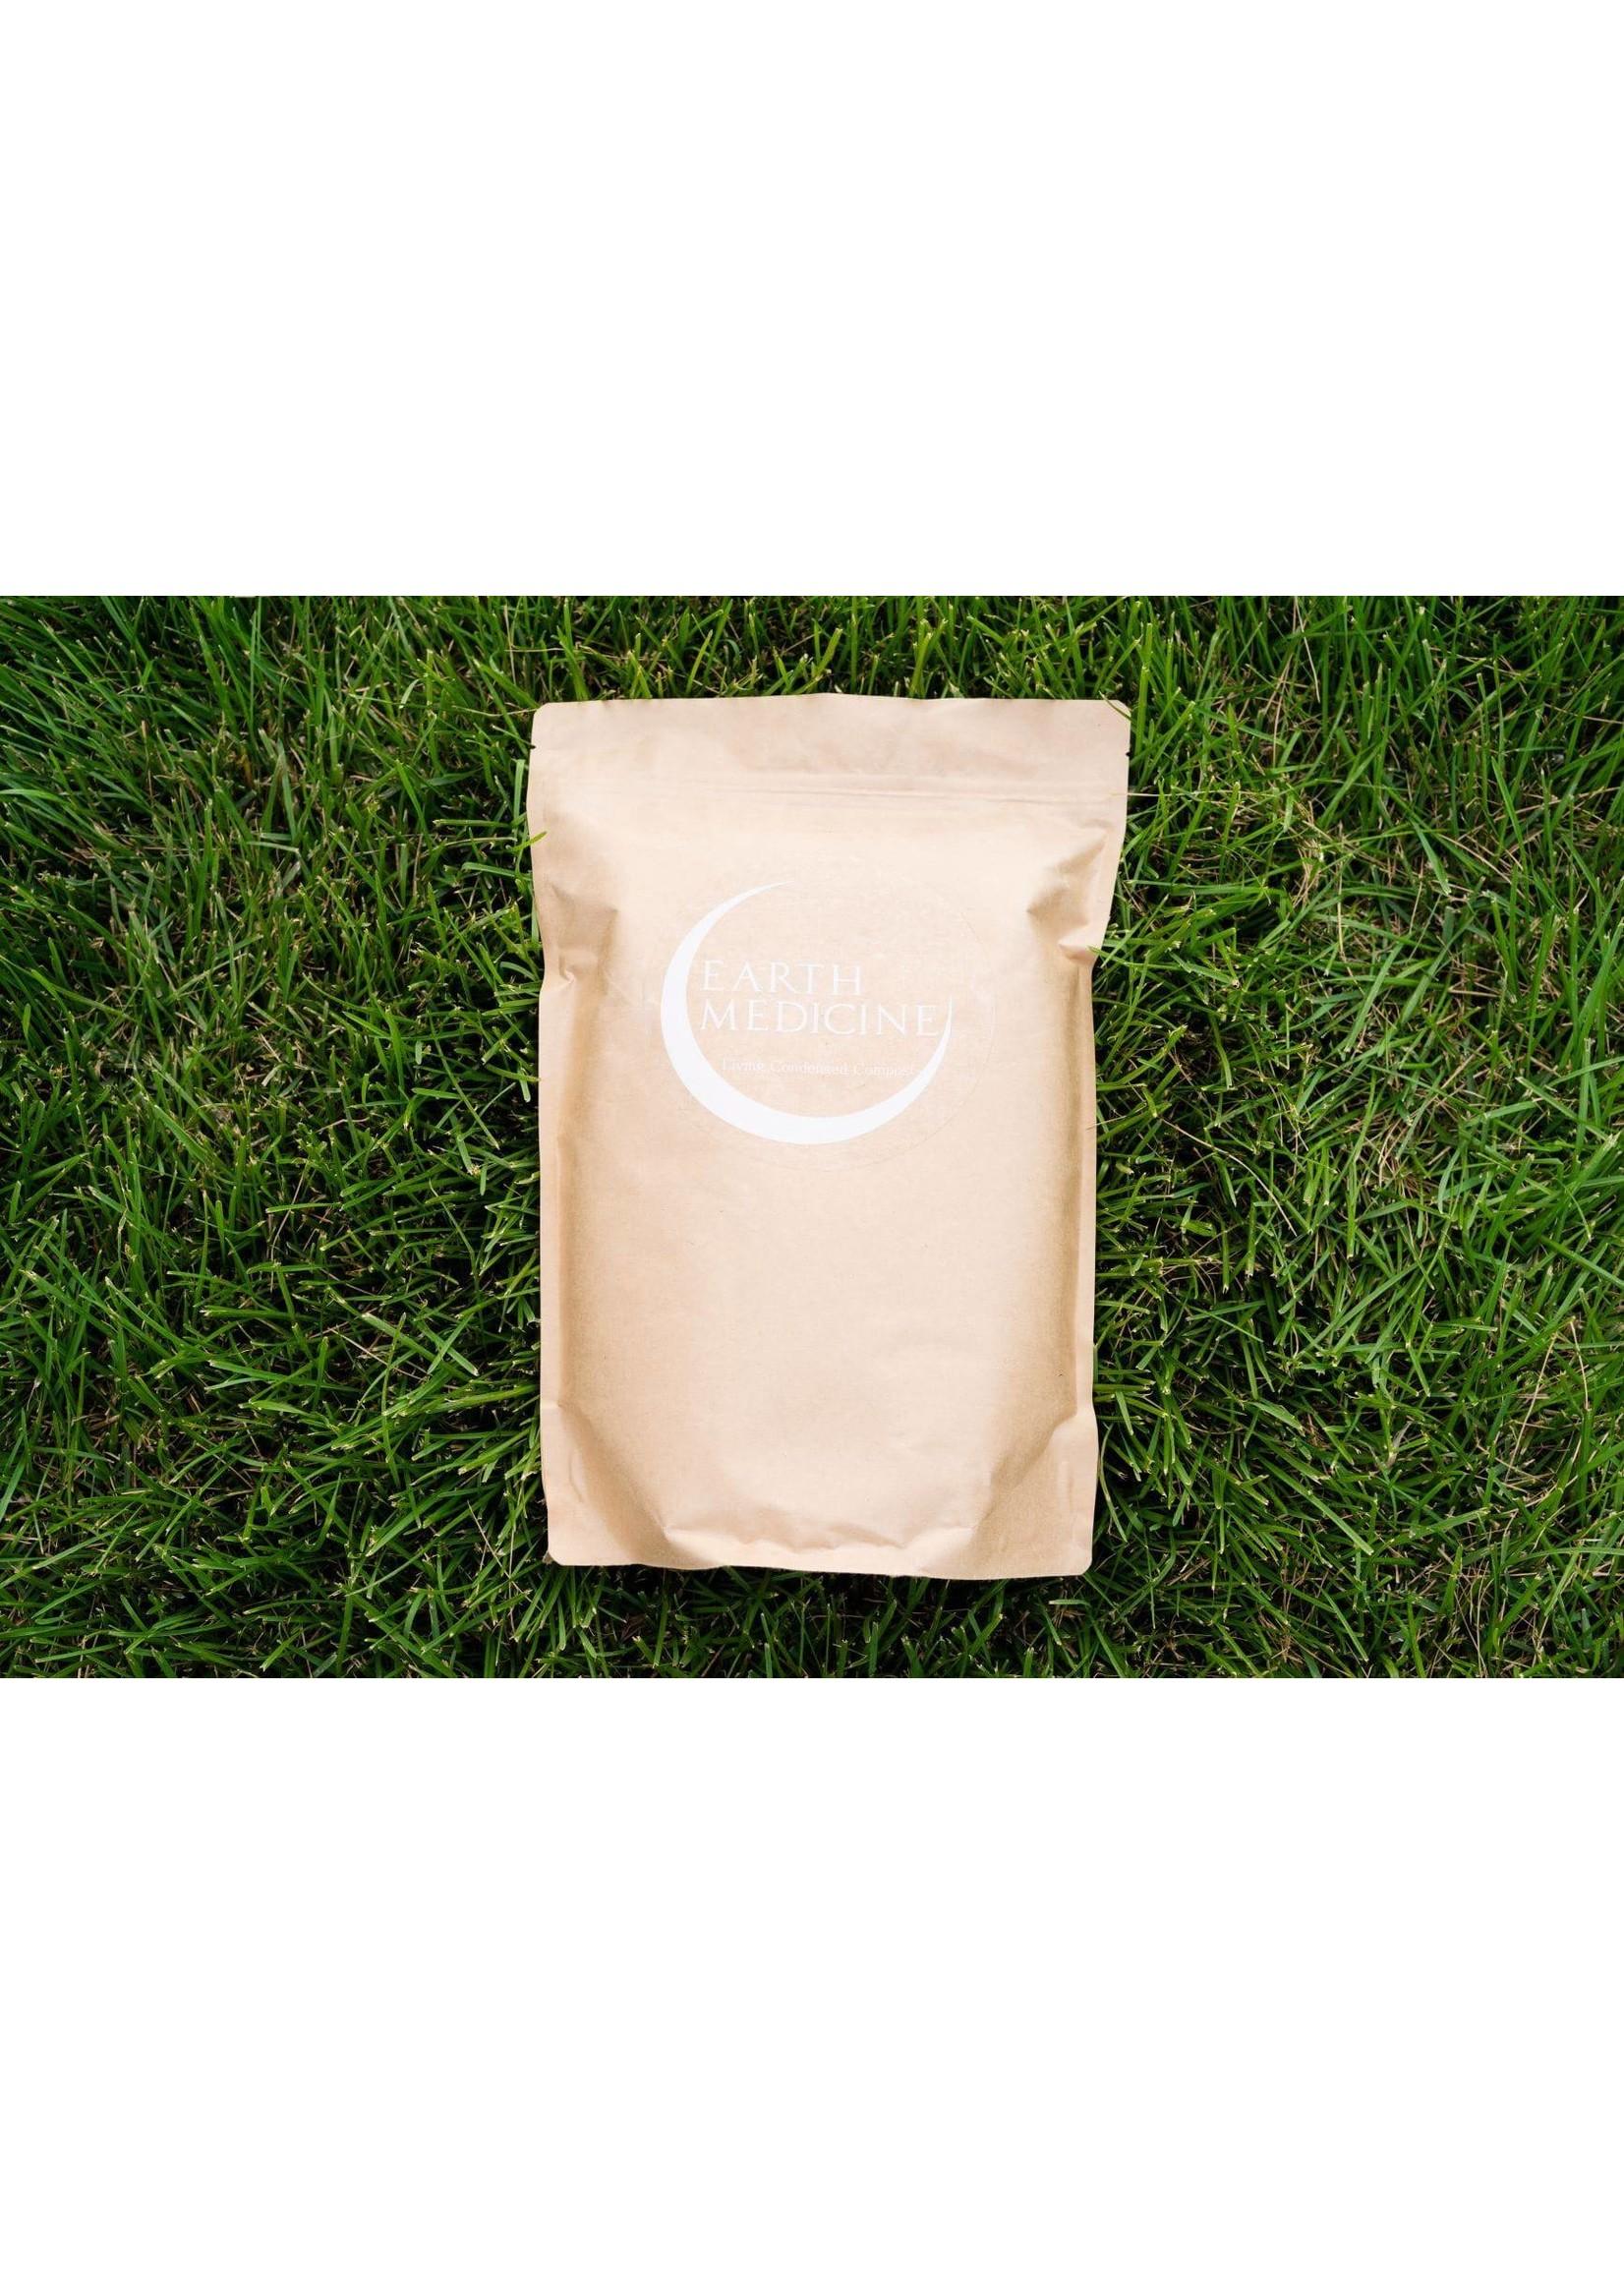 5lb Bag Fertilizer